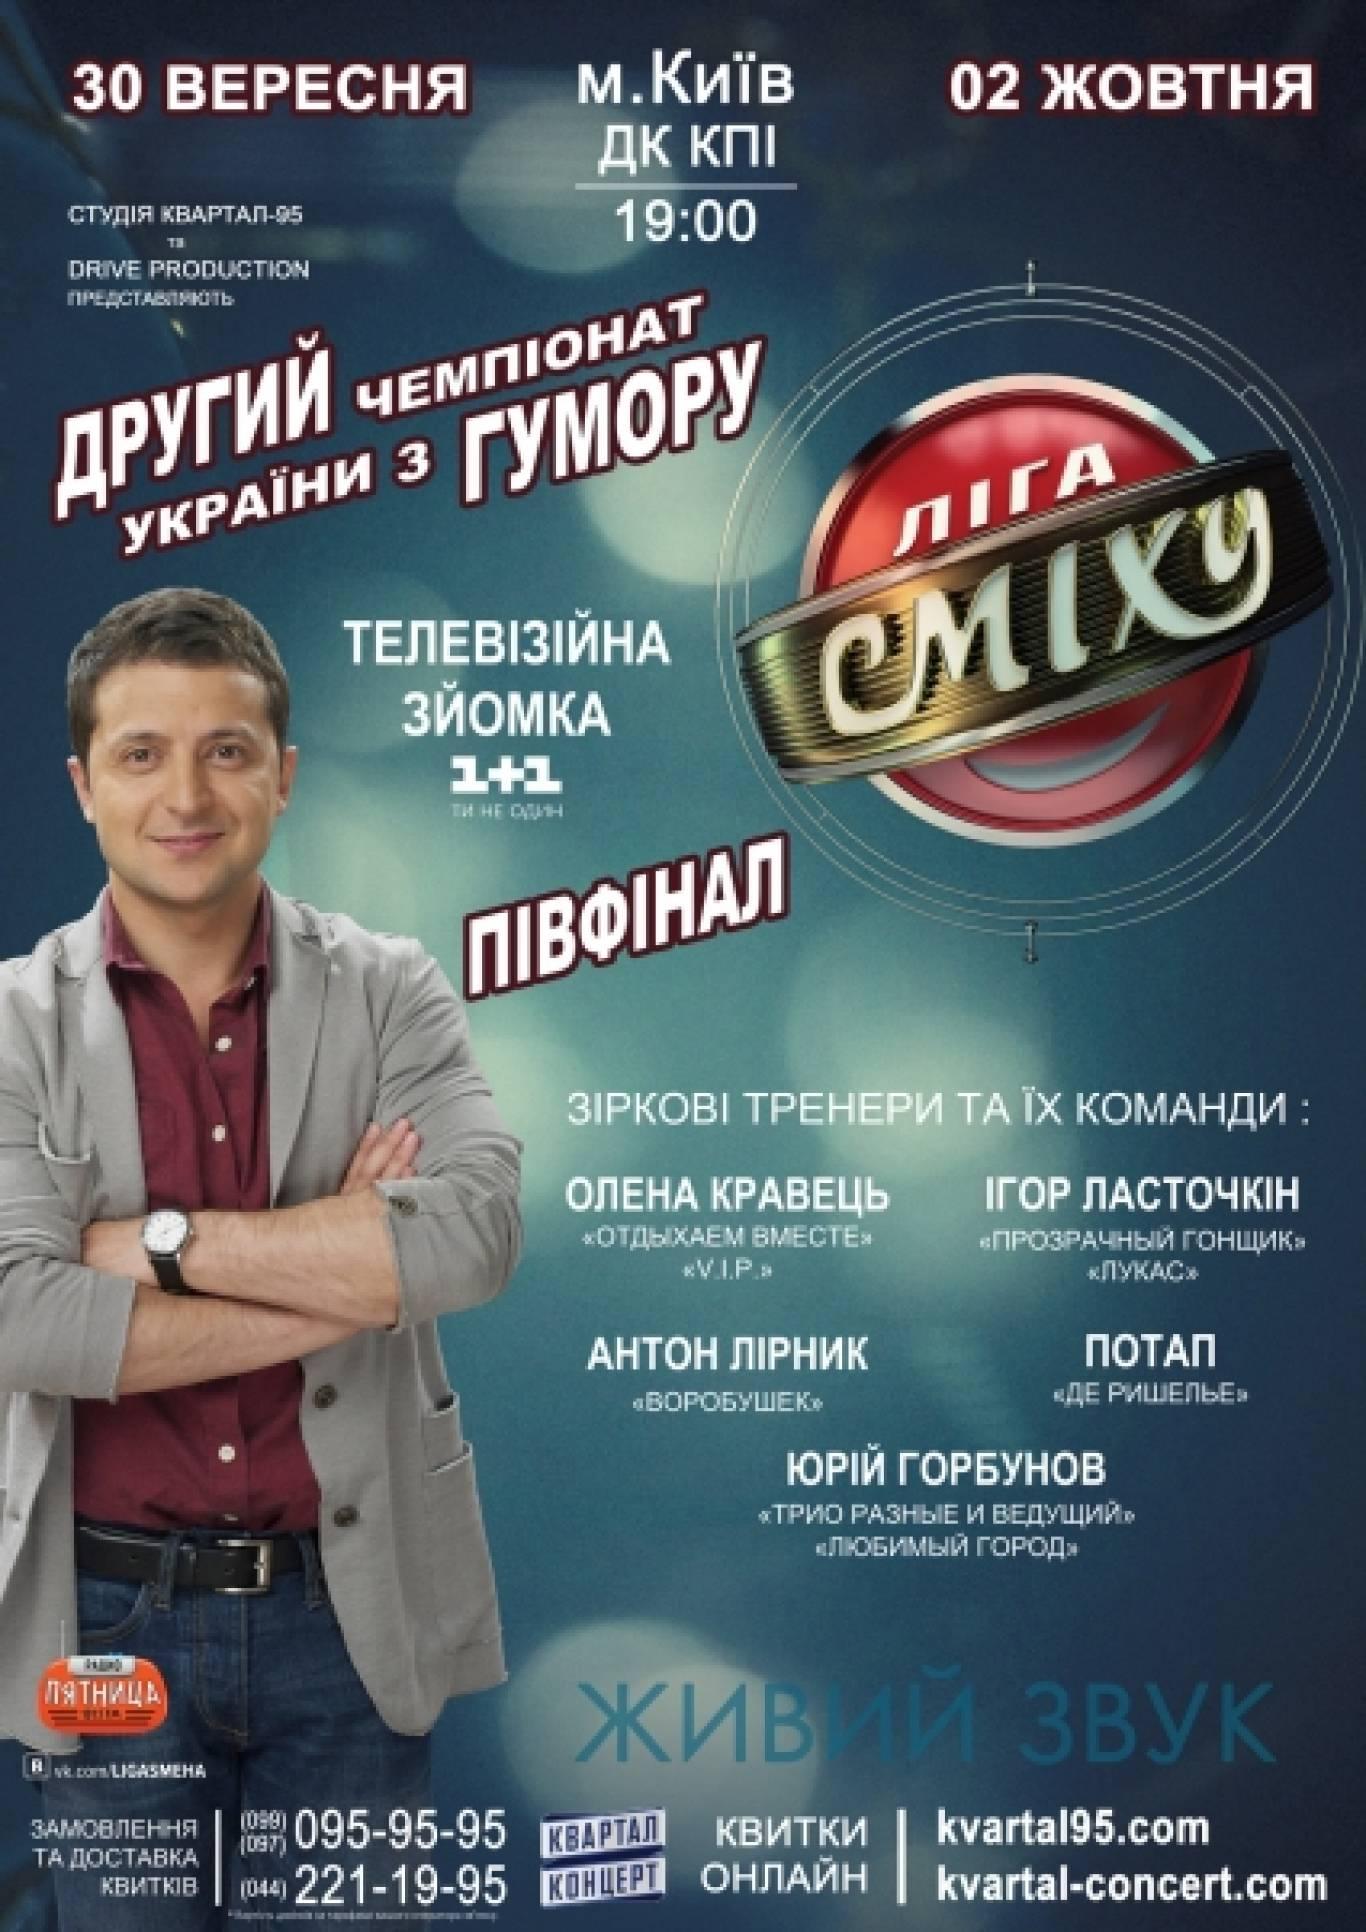 """""""Ліга Сміху"""": Другий чемпіонат України з гумору, 1/2"""